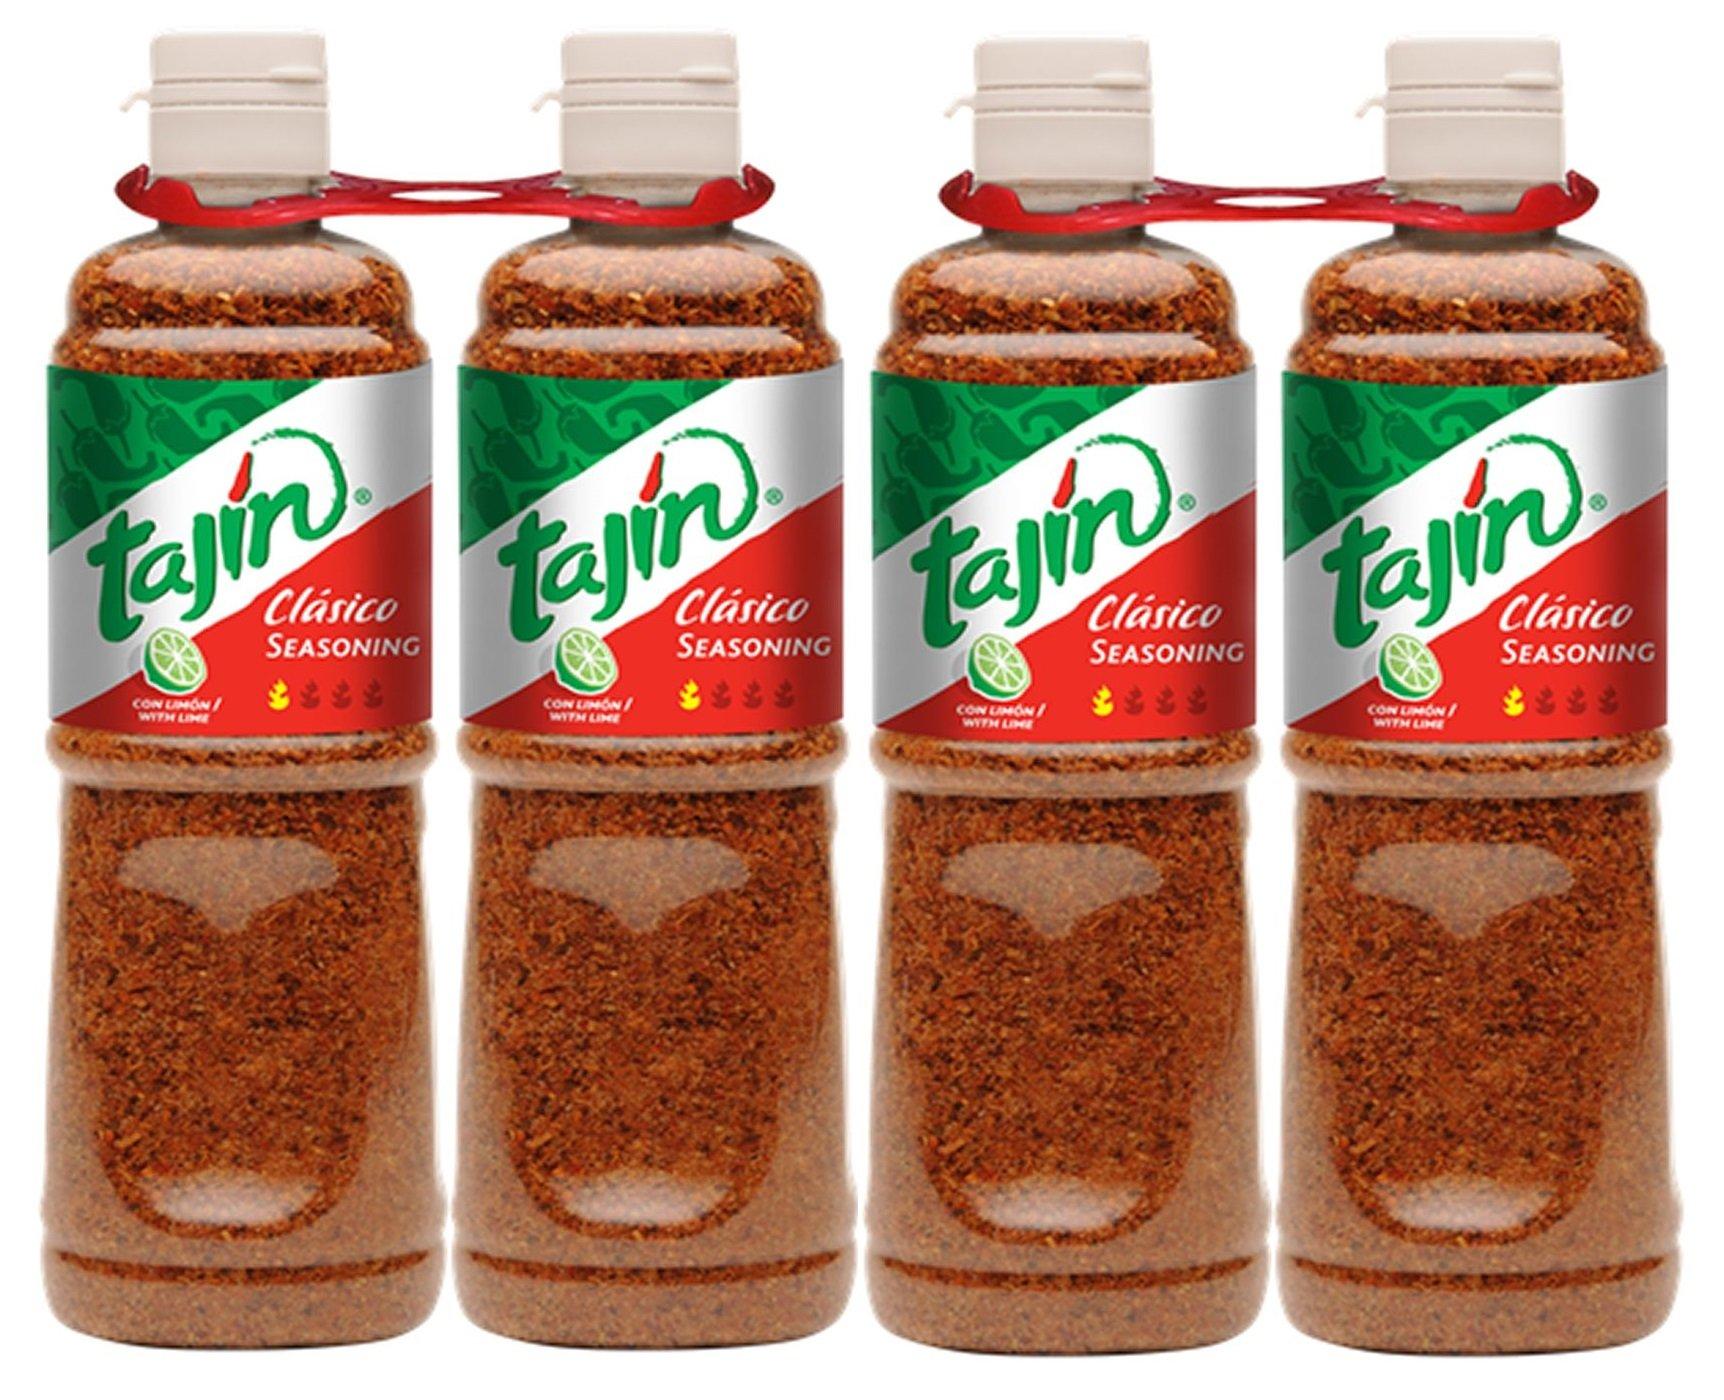 Tajin Clasico Seasoning 14oz. (Pack of 4)